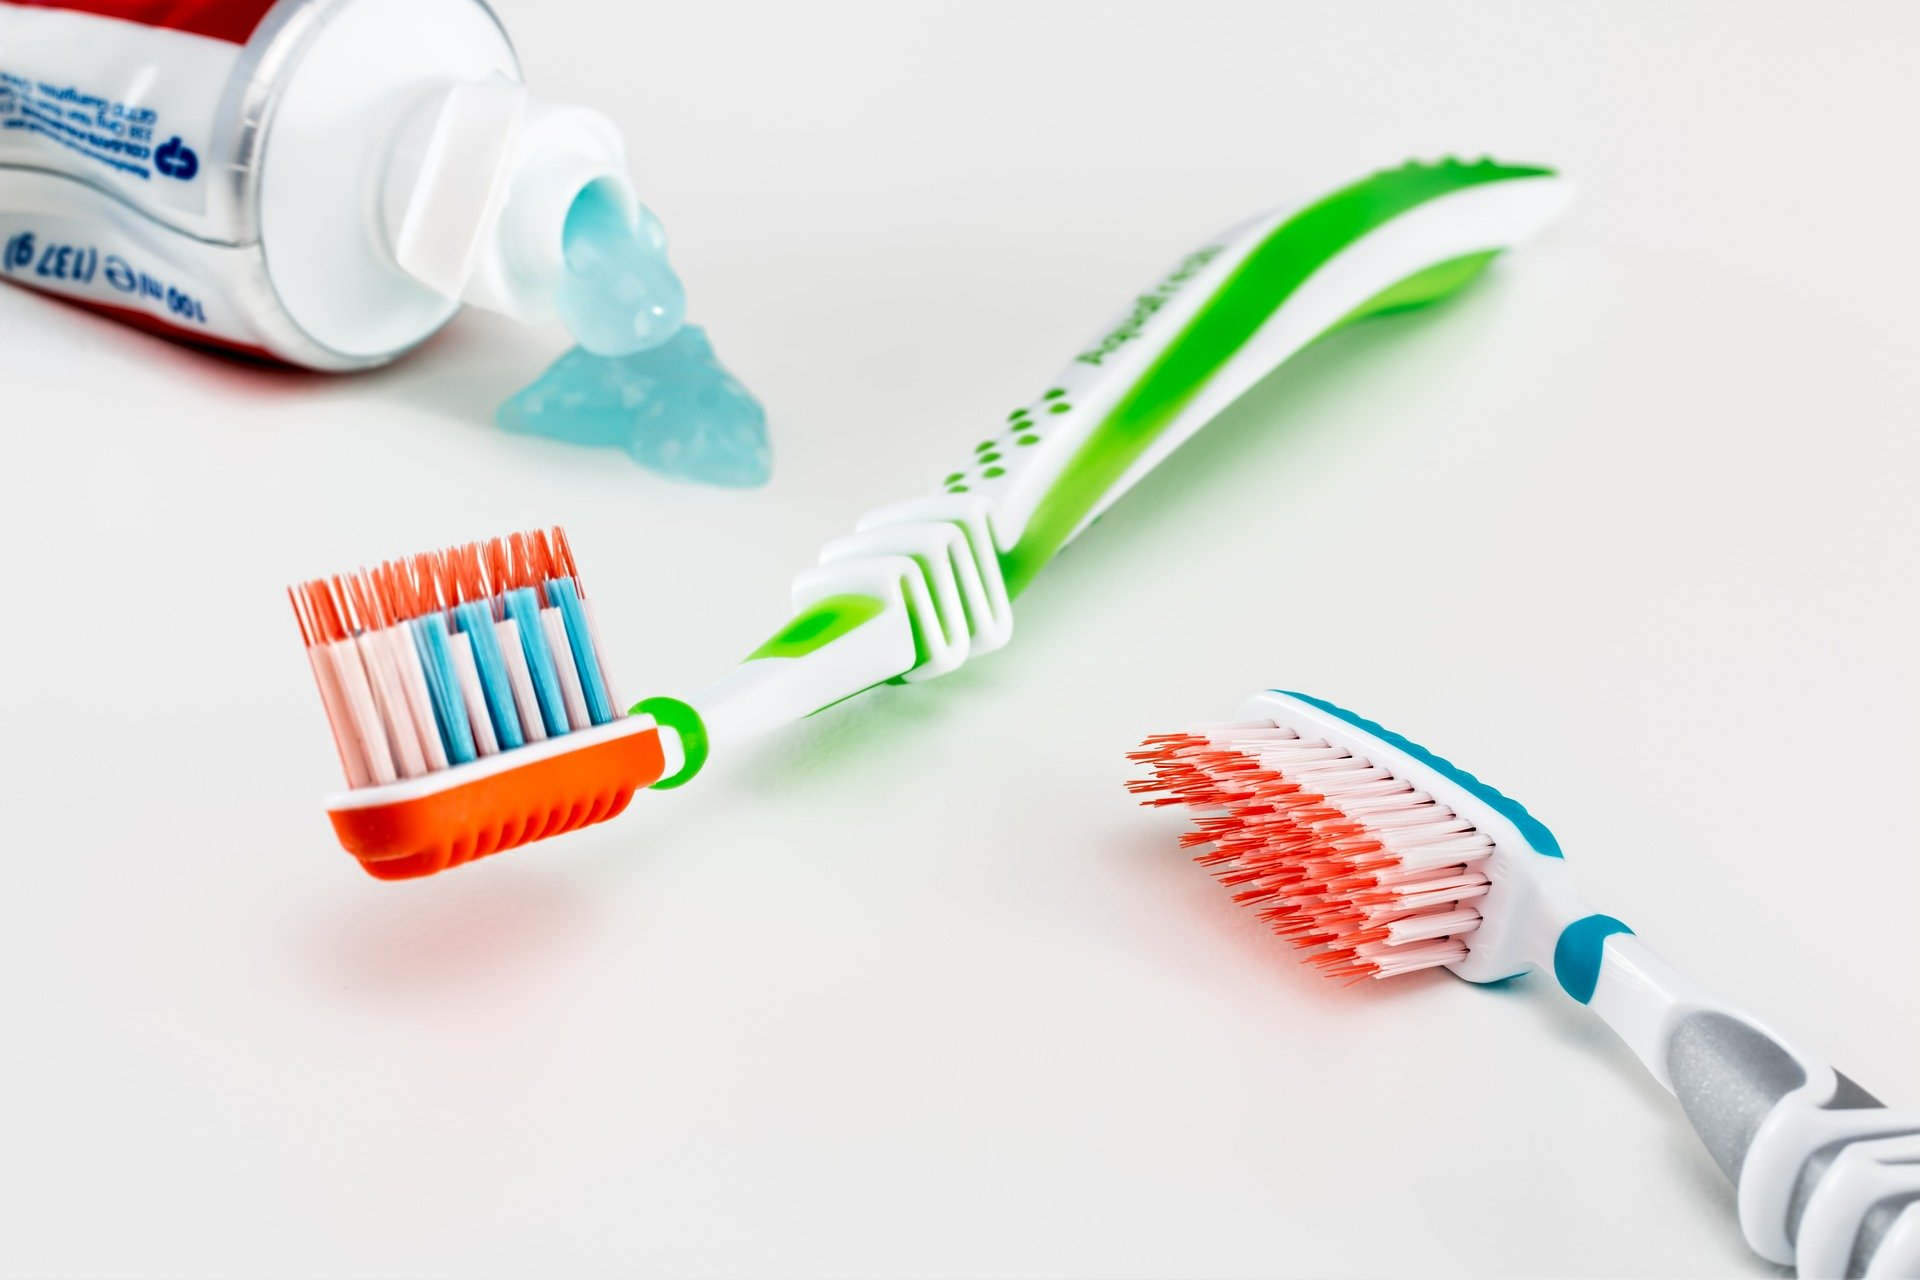 toothbrush-g7642c3f9f_1920